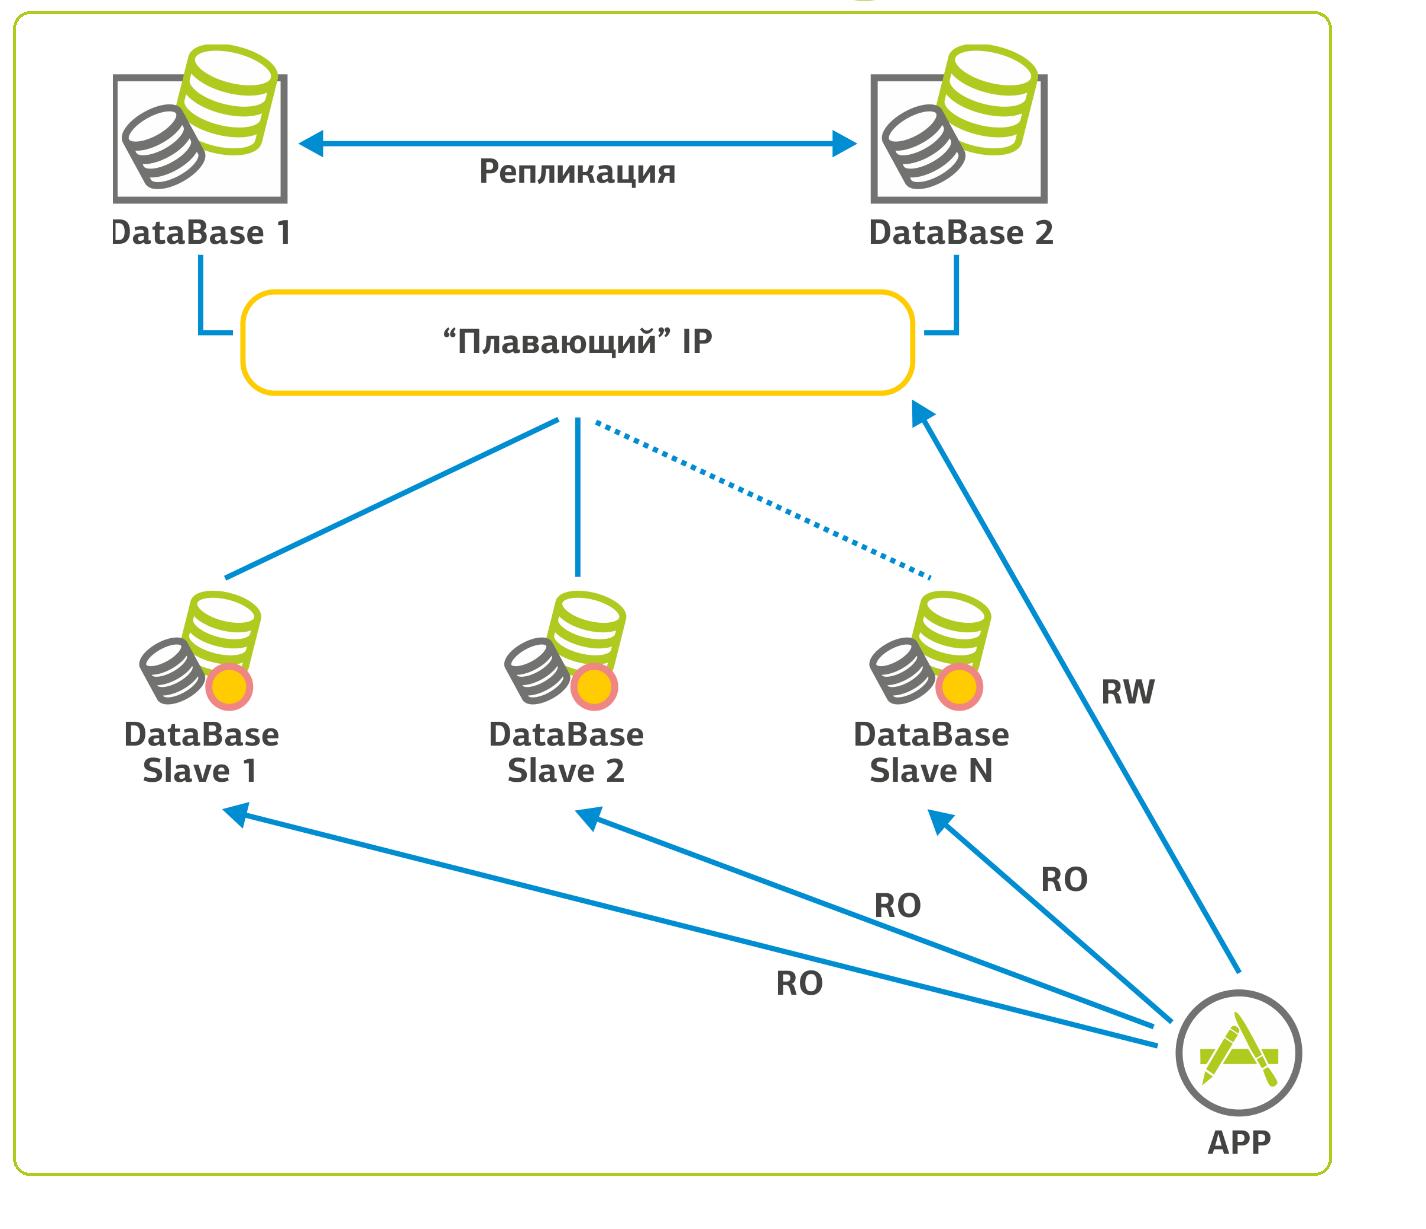 Эволюция сайта — взглядом Linux-админа дата-центра - 6